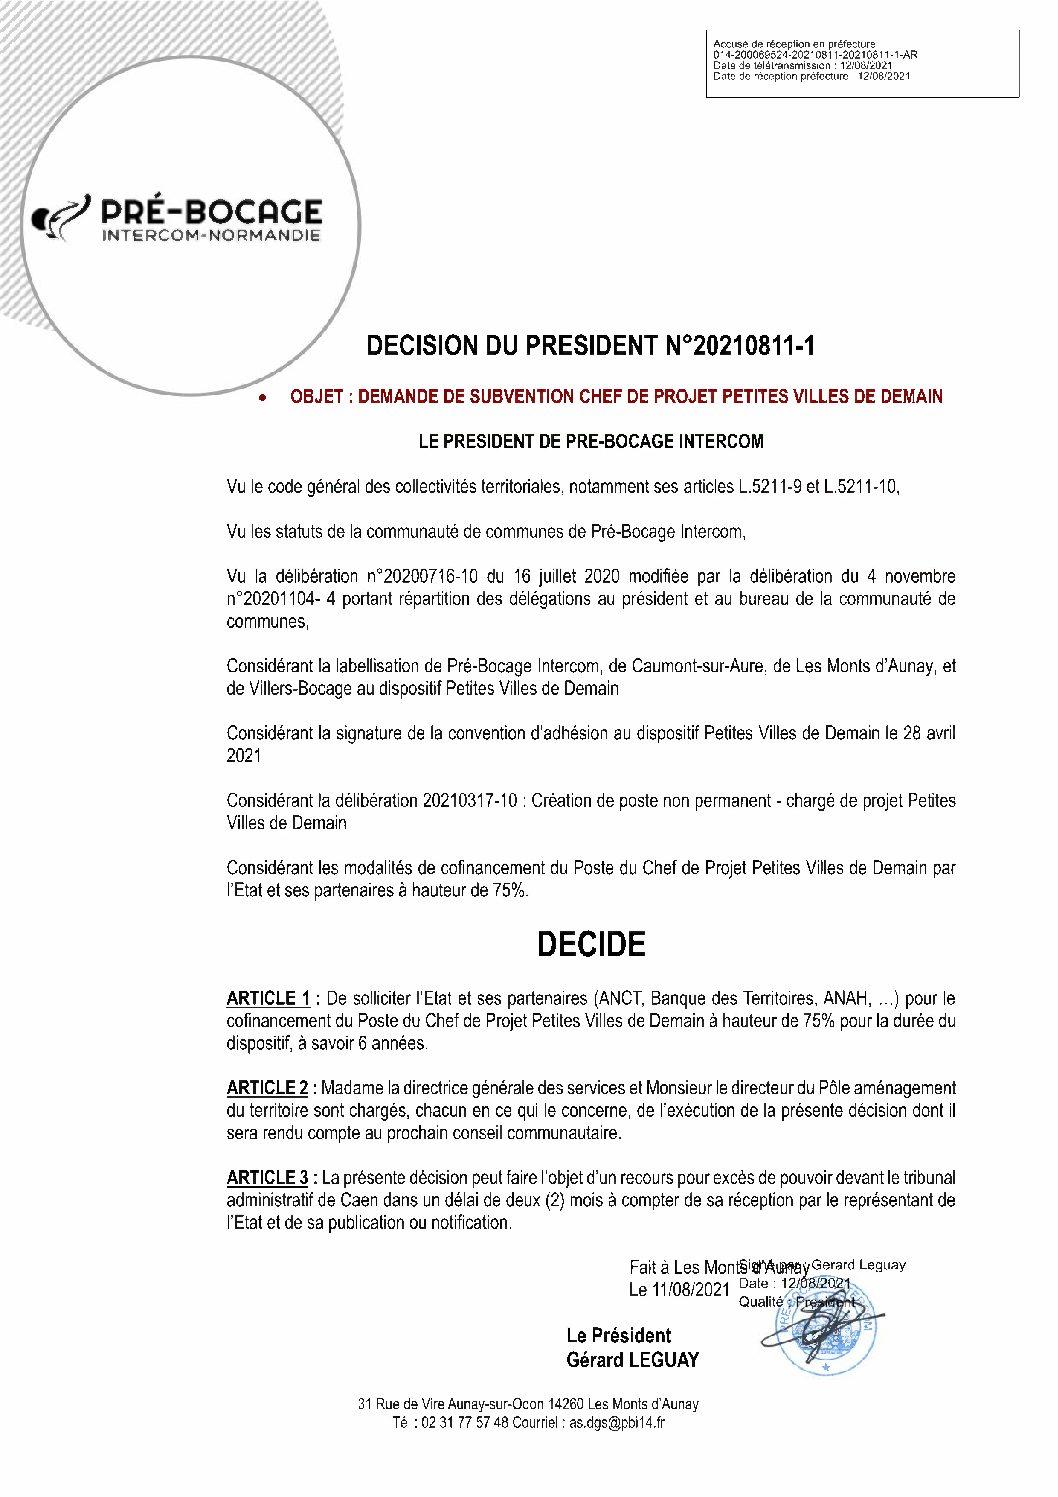 Décision déléguée du 11 août 2021